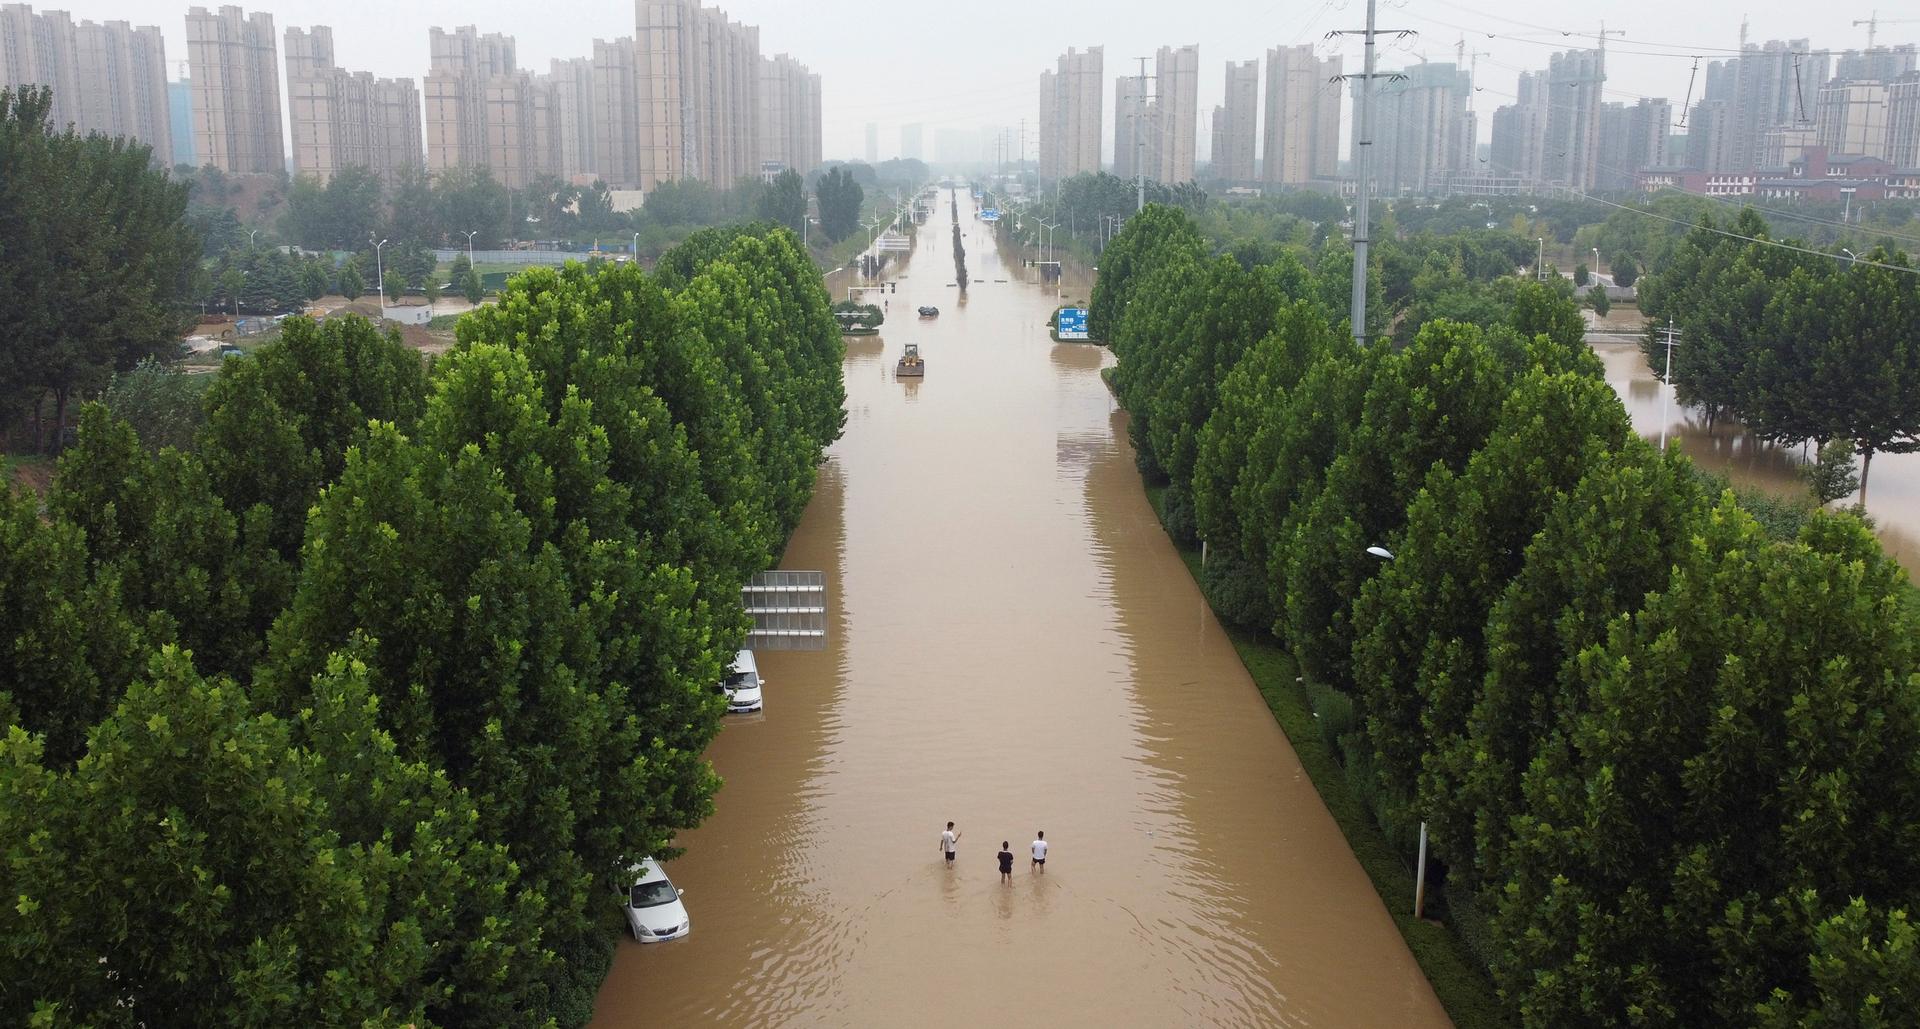 פוטו הצפות יולי 2021 זנגזו סין